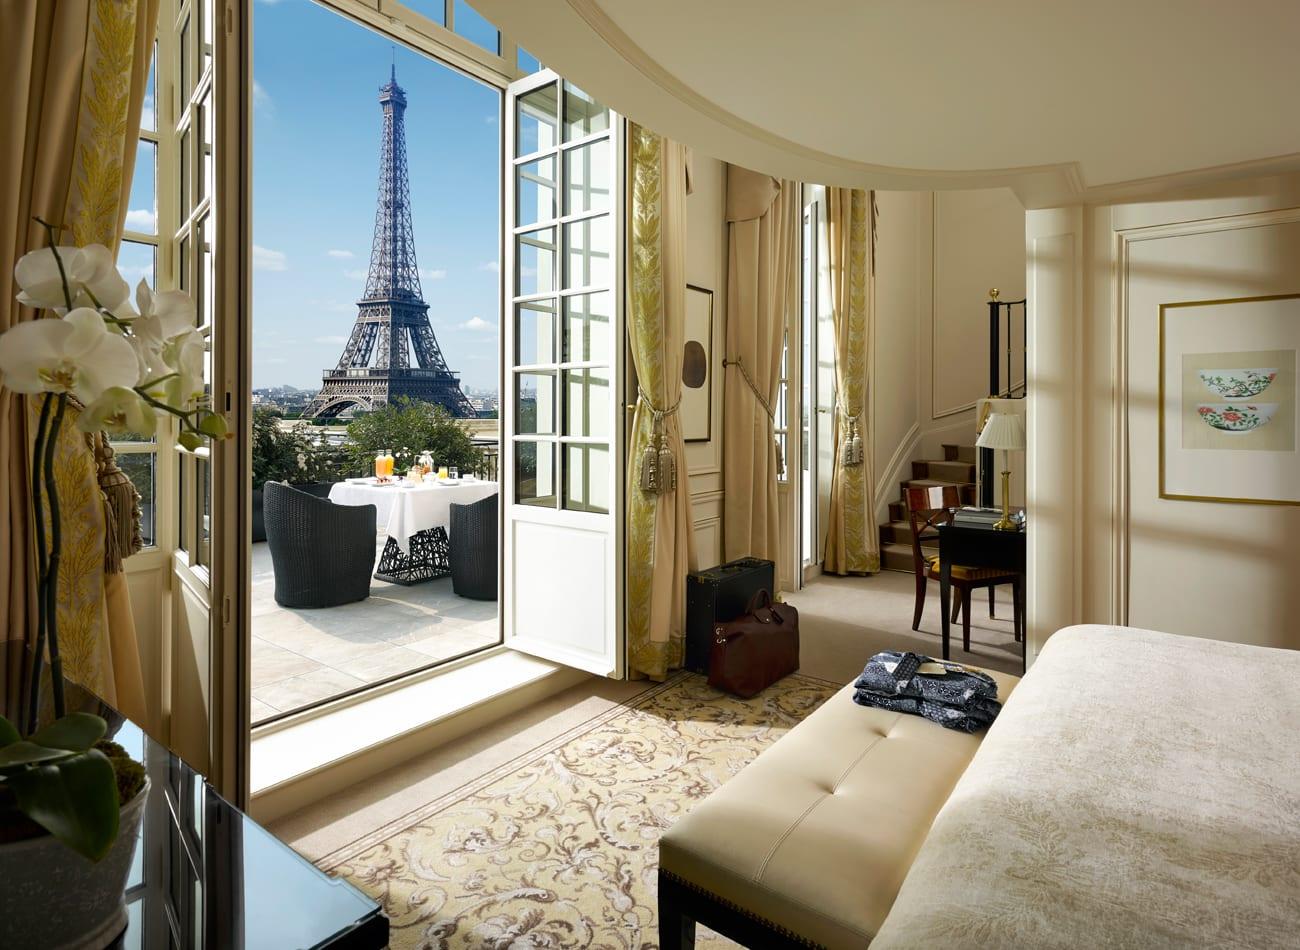 Duplex Paris Eiffel View Suite